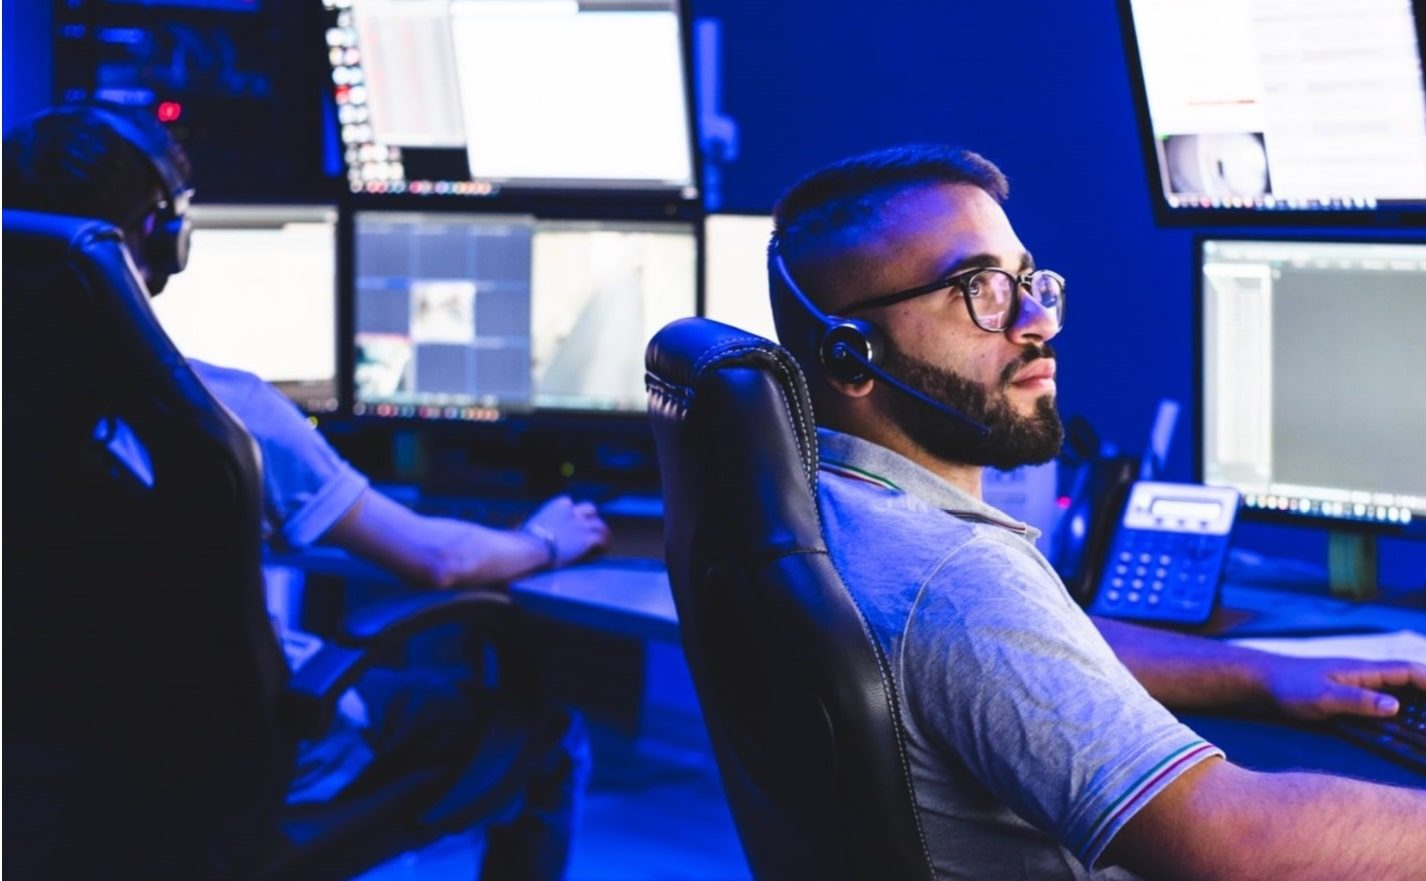 Help Desk panoramica a due postazioniHelp Desk panoramica a due postazioni